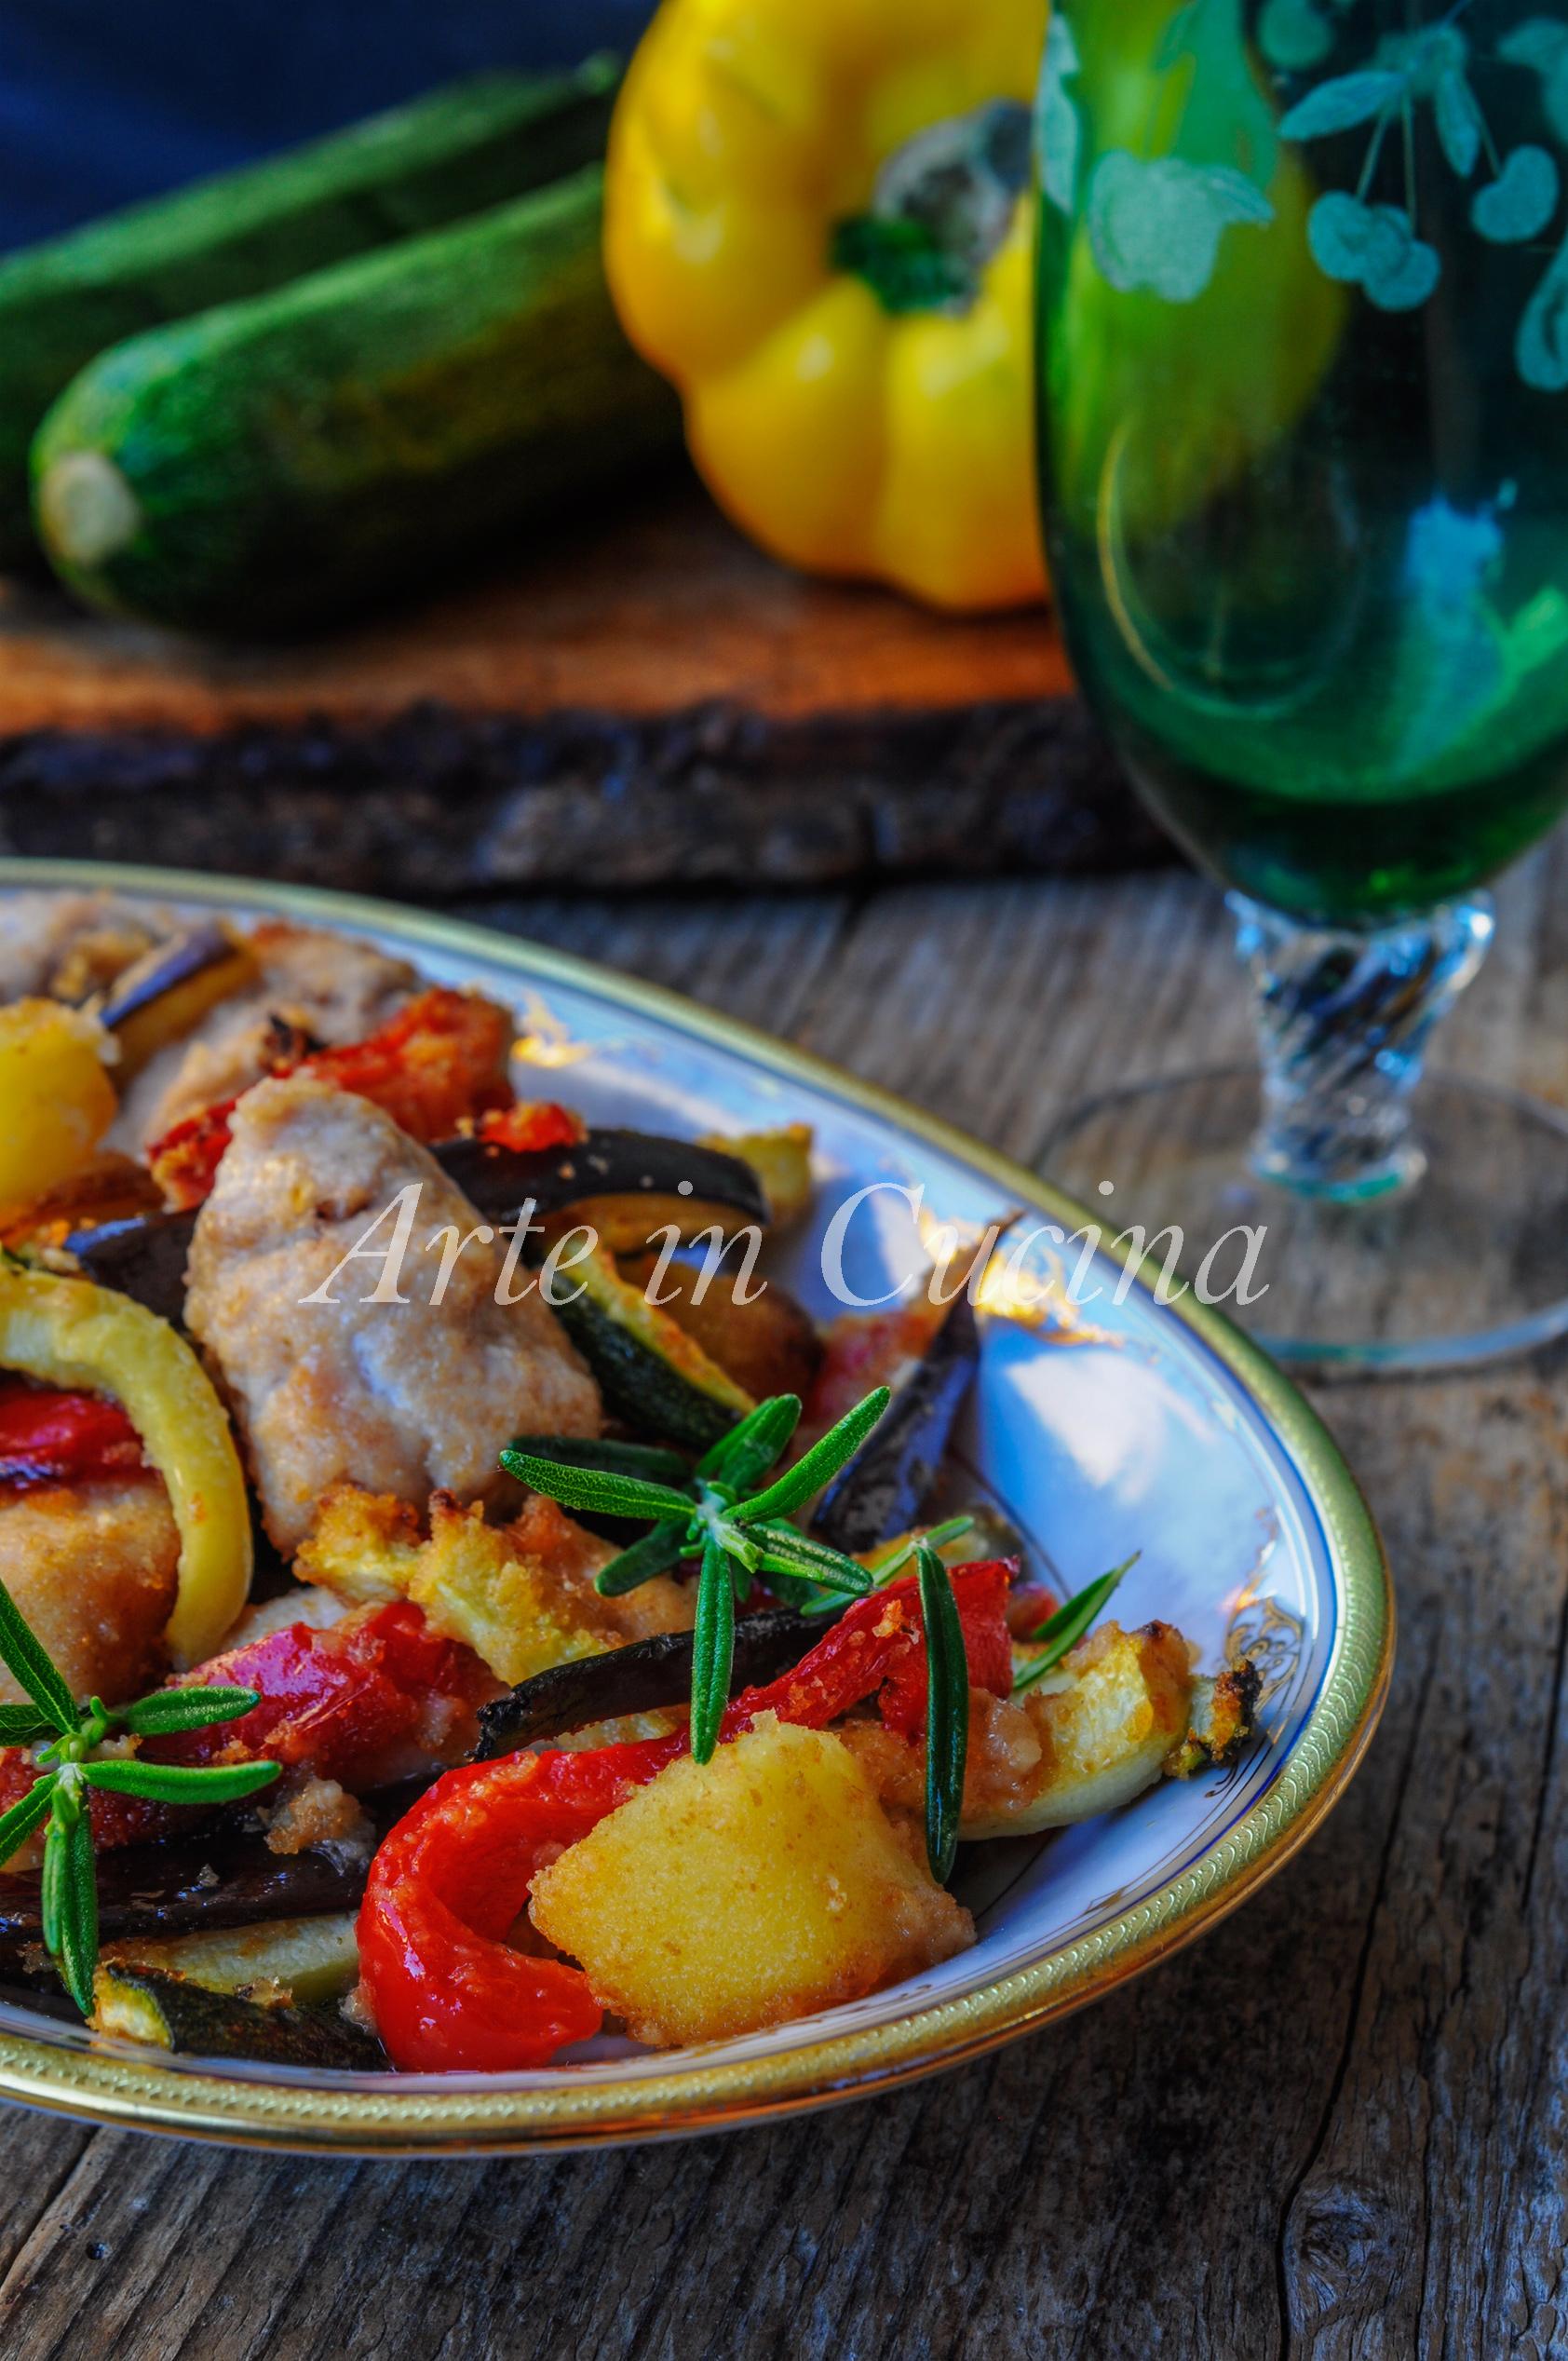 Pollo con verdure gratinate al forno ricetta veloce vickyart arte in cucina